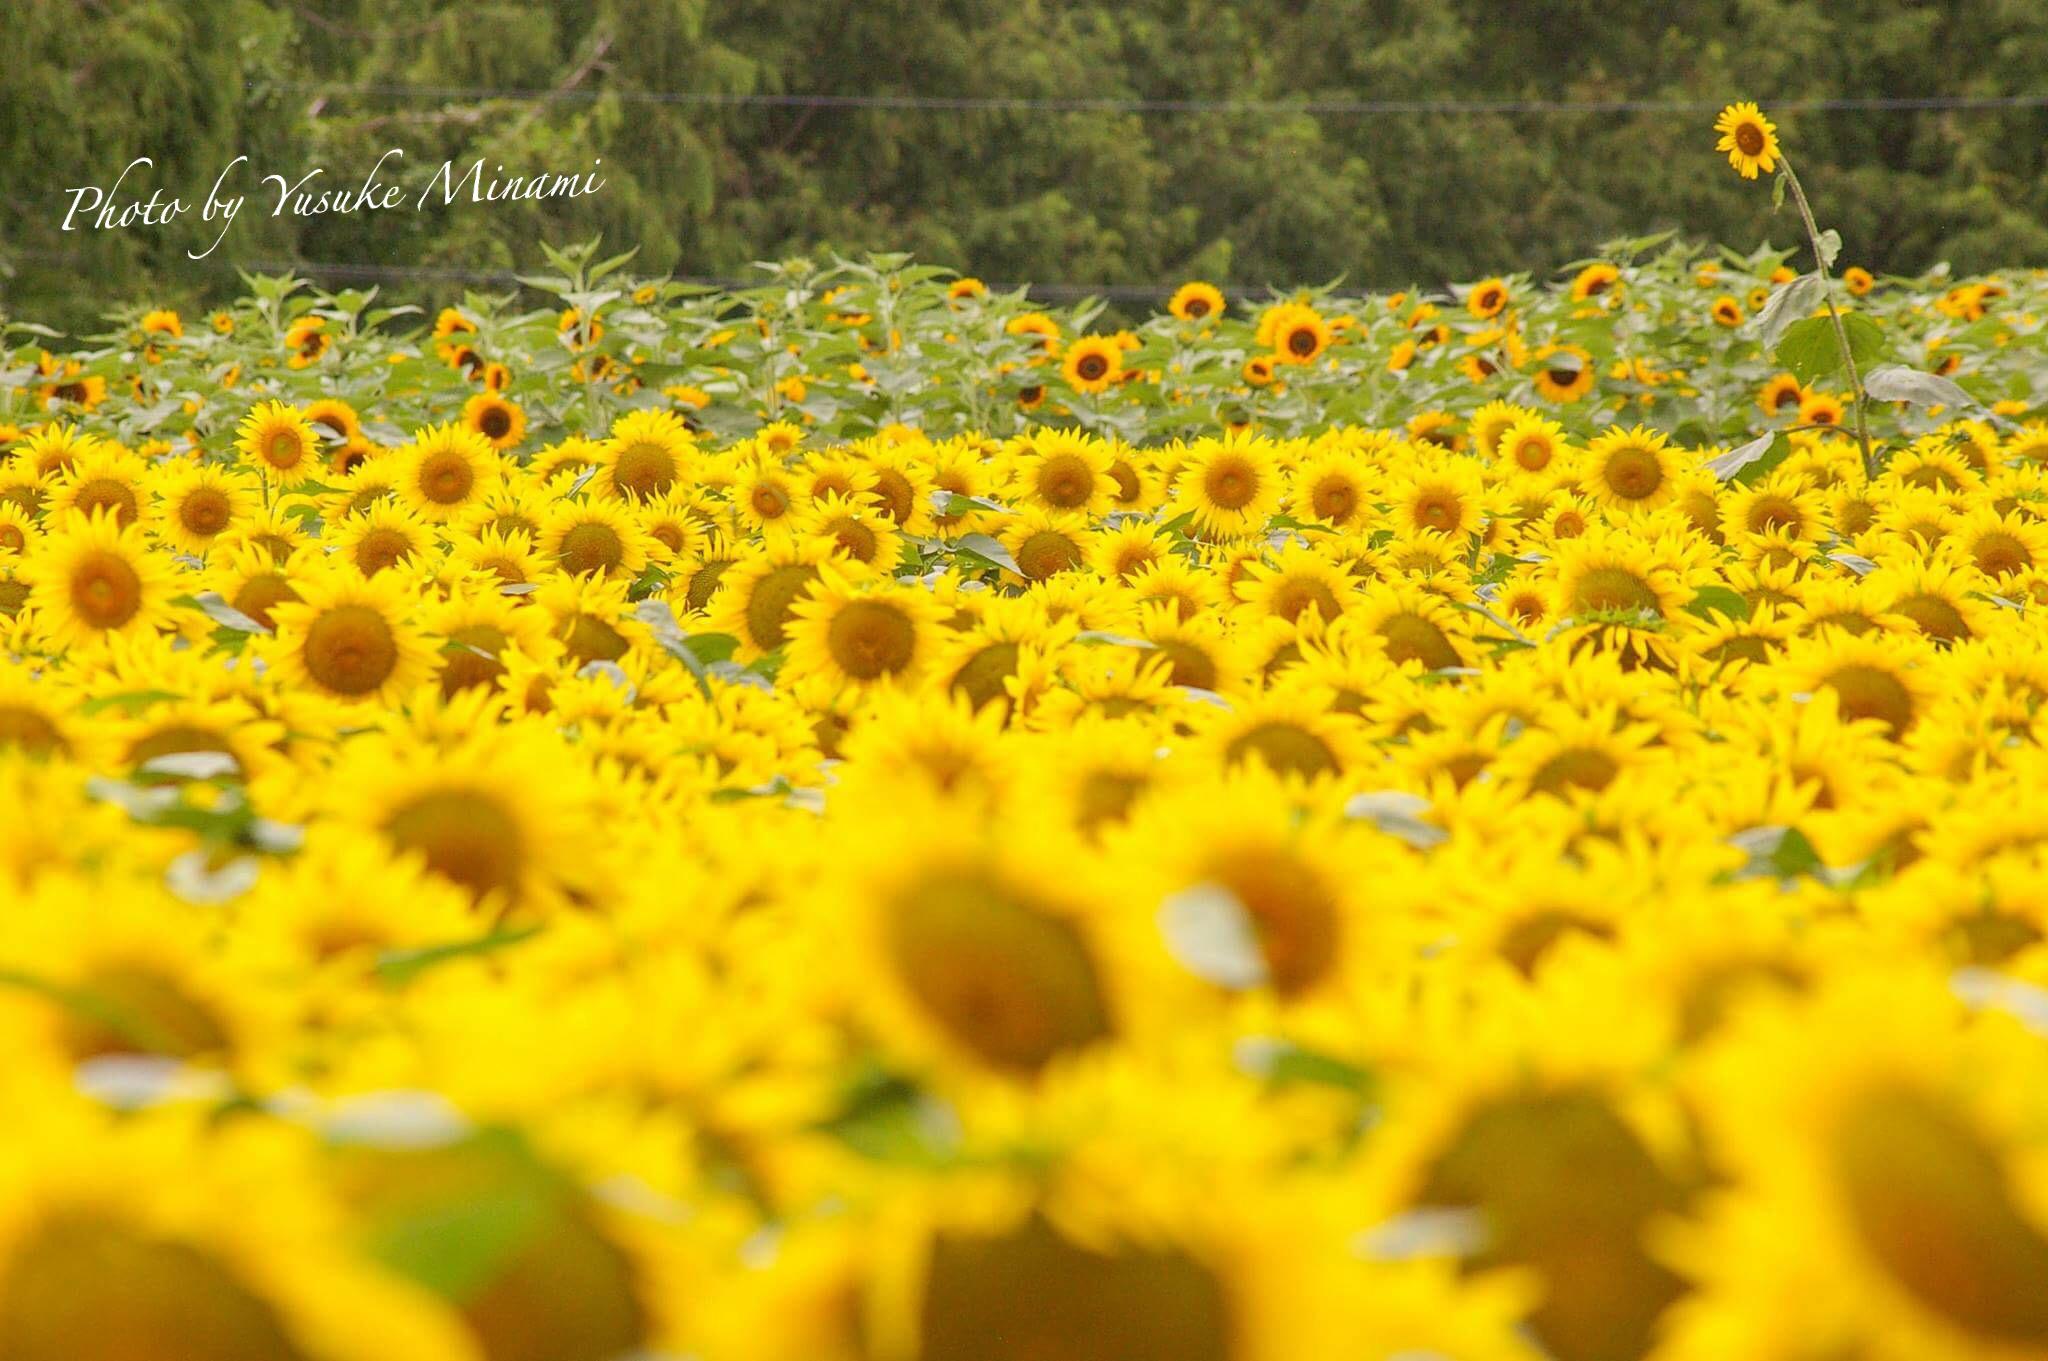 【夏の世羅高原農場2018】満開のひまわりが8月19日まで見ごろ、110万本のひまわりがお出迎え/広島県世羅郡世羅町